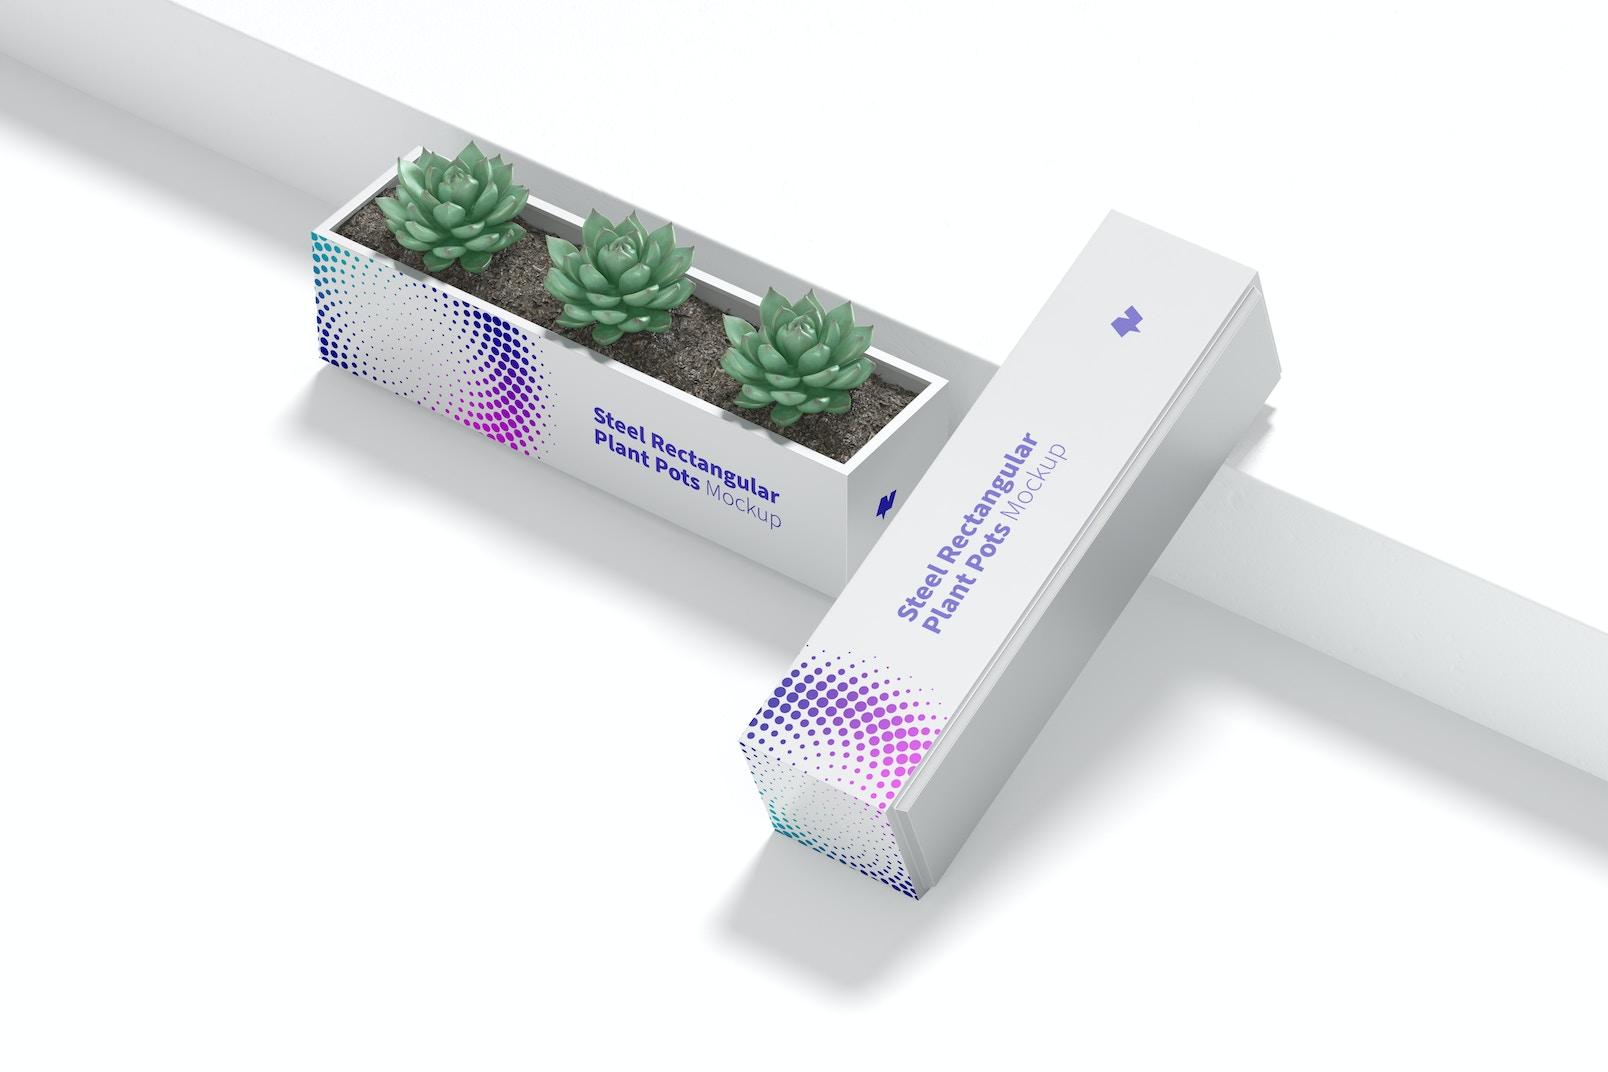 Steel Rectangular Plant Pots Mockup, Top View